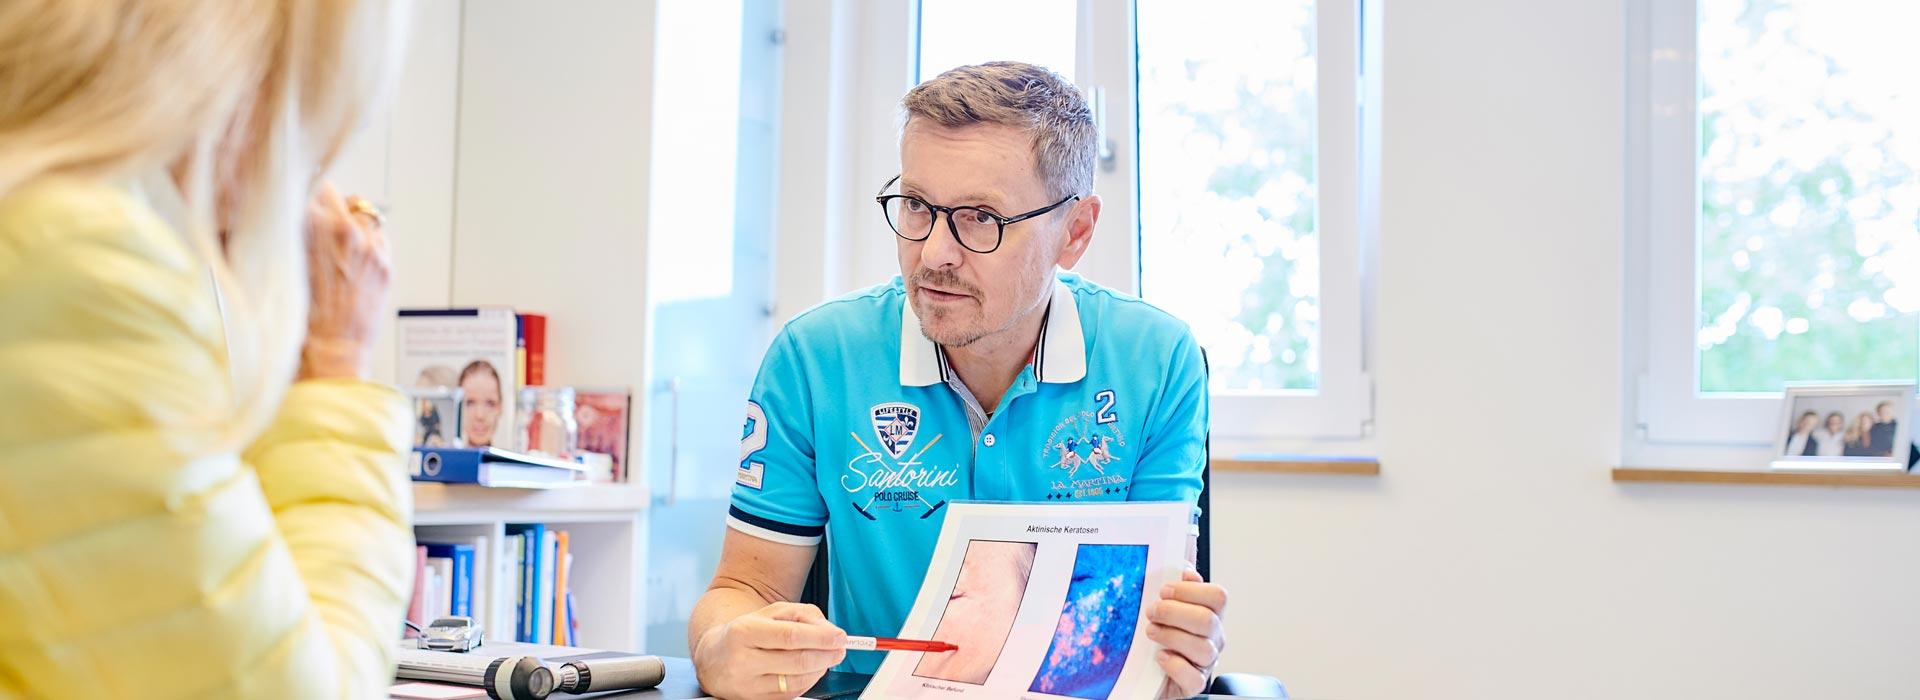 Dr. med. Matthias Kisslinger in einer Beratung mit einem Patienten